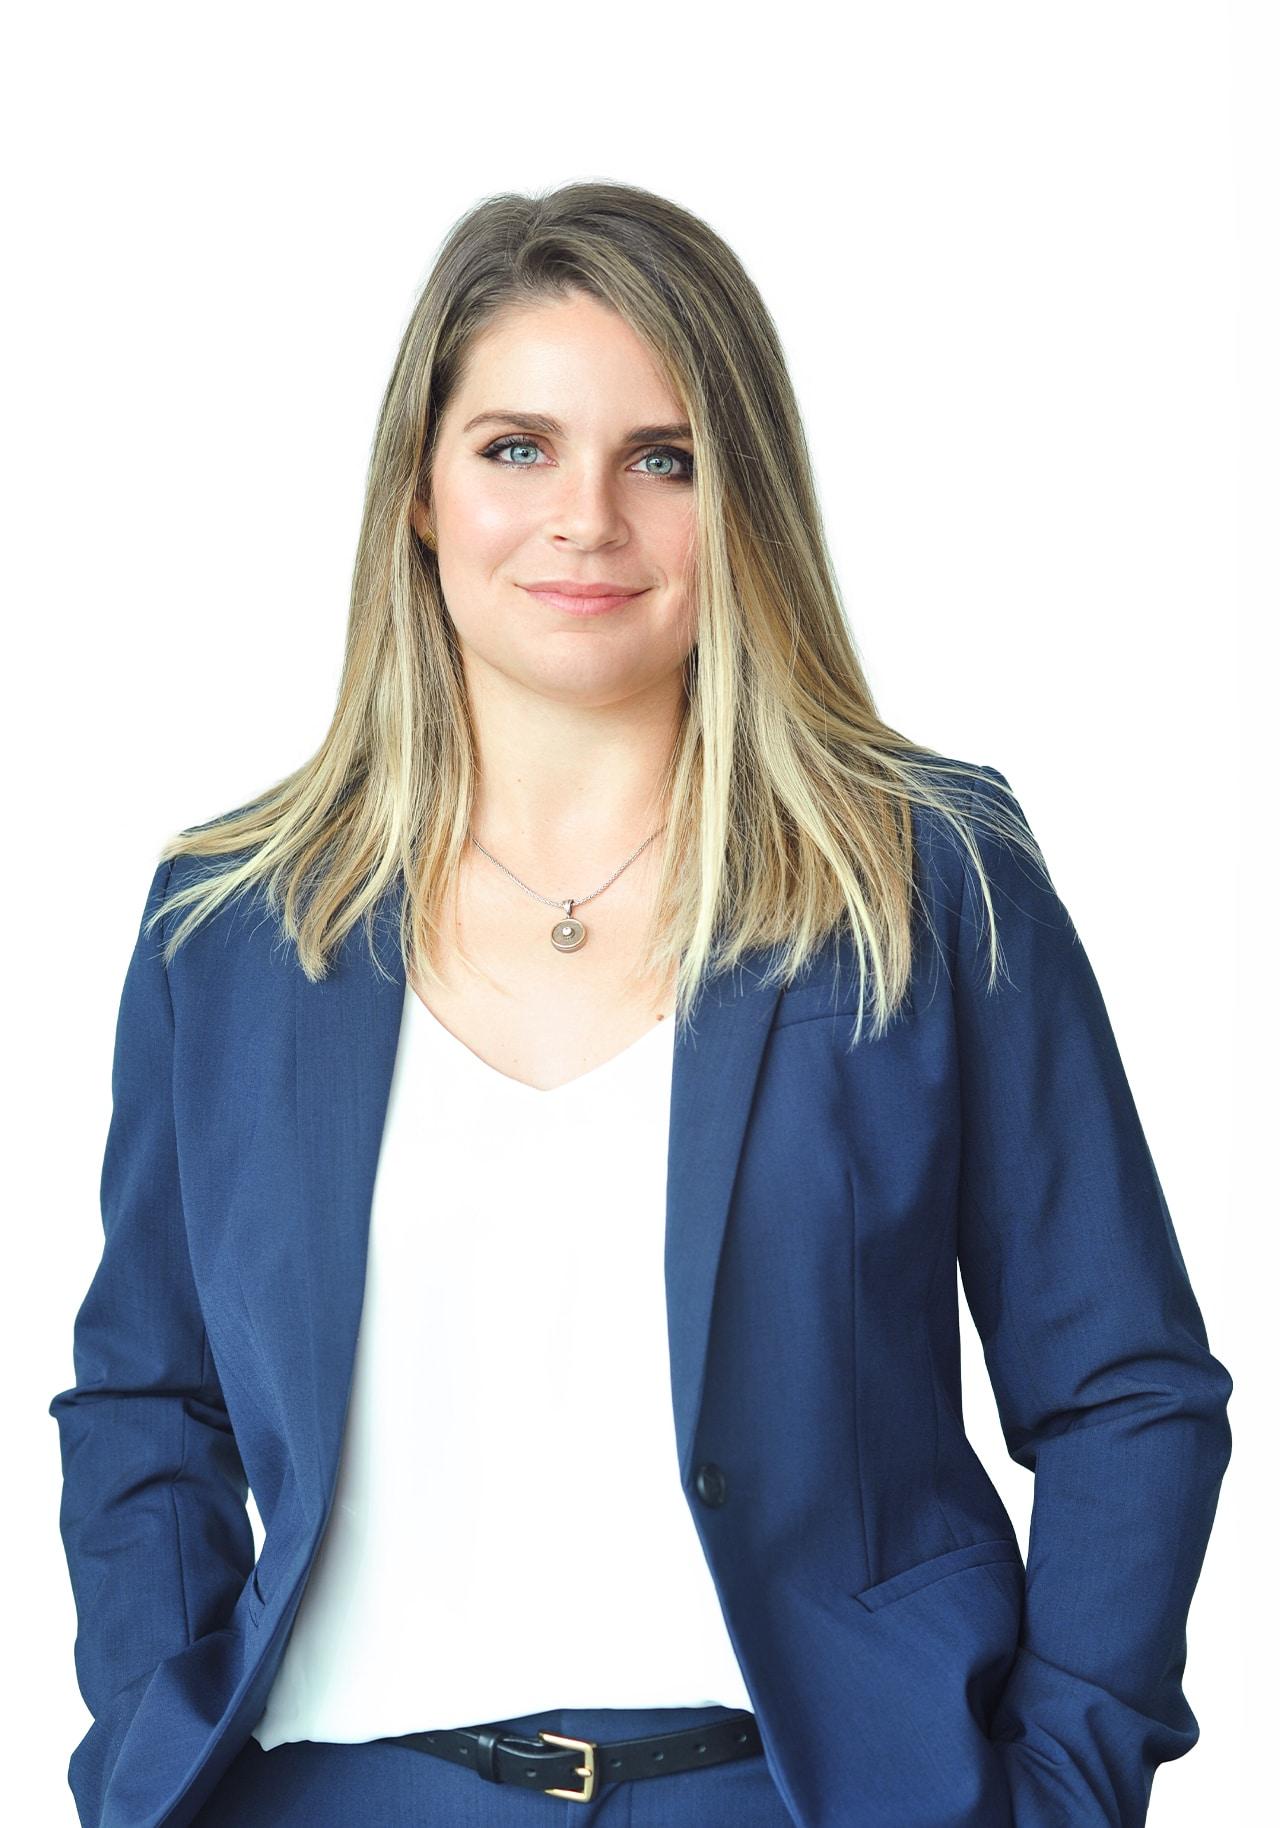 Anna Schlagintweit